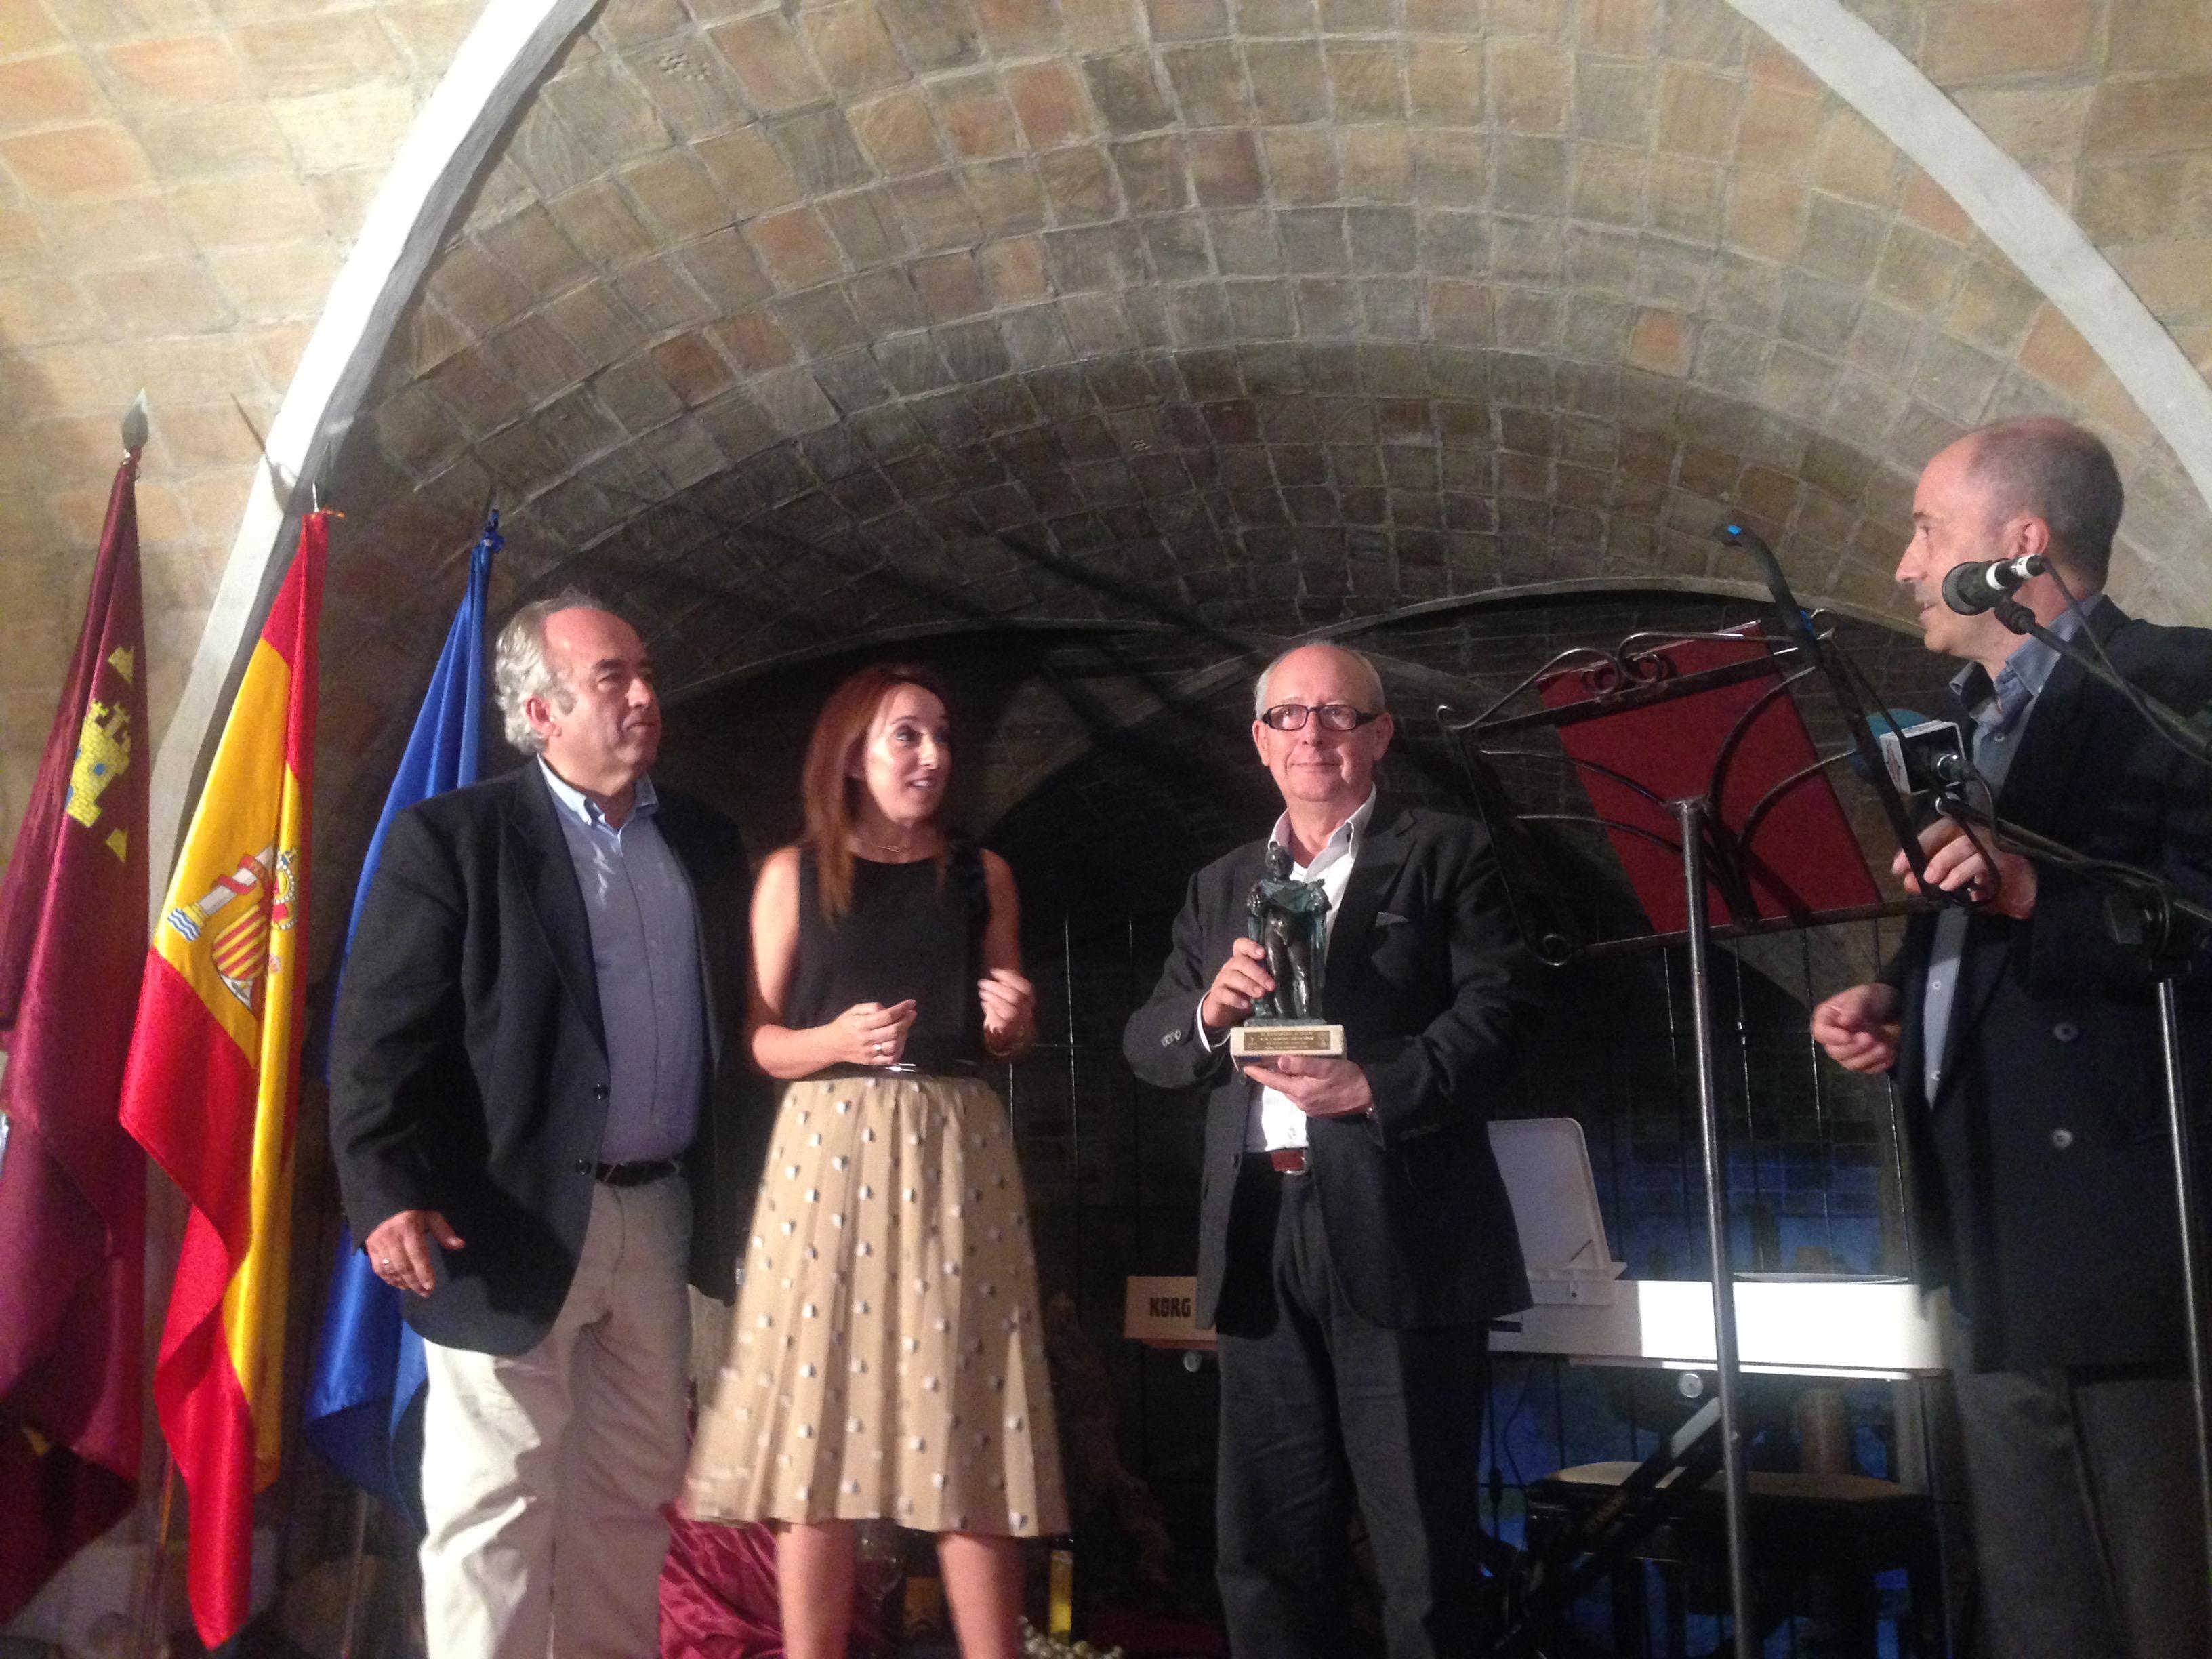 Francisco Carreño, María Dolores Muñoz, Pachi Larrosa y Salvador Martínez, durante el acto celebrado e el Curso del Vino.